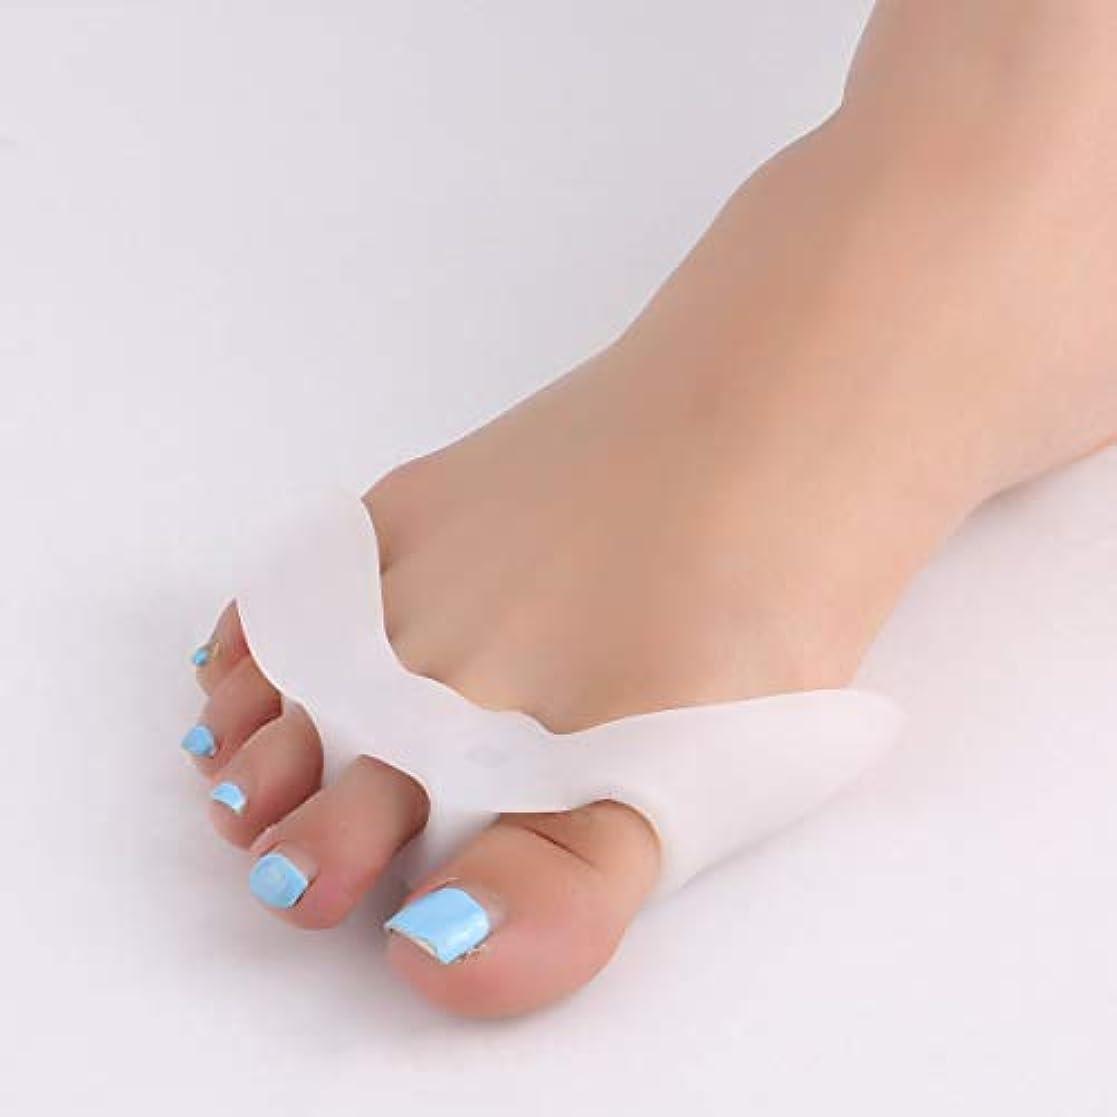 アーサーコナンドイルスピン一部1 Pair Silicone Toe Separator with 5 Holes Feet Care Braces Supports Tools Bunion Guard Foot Hallux Valgus